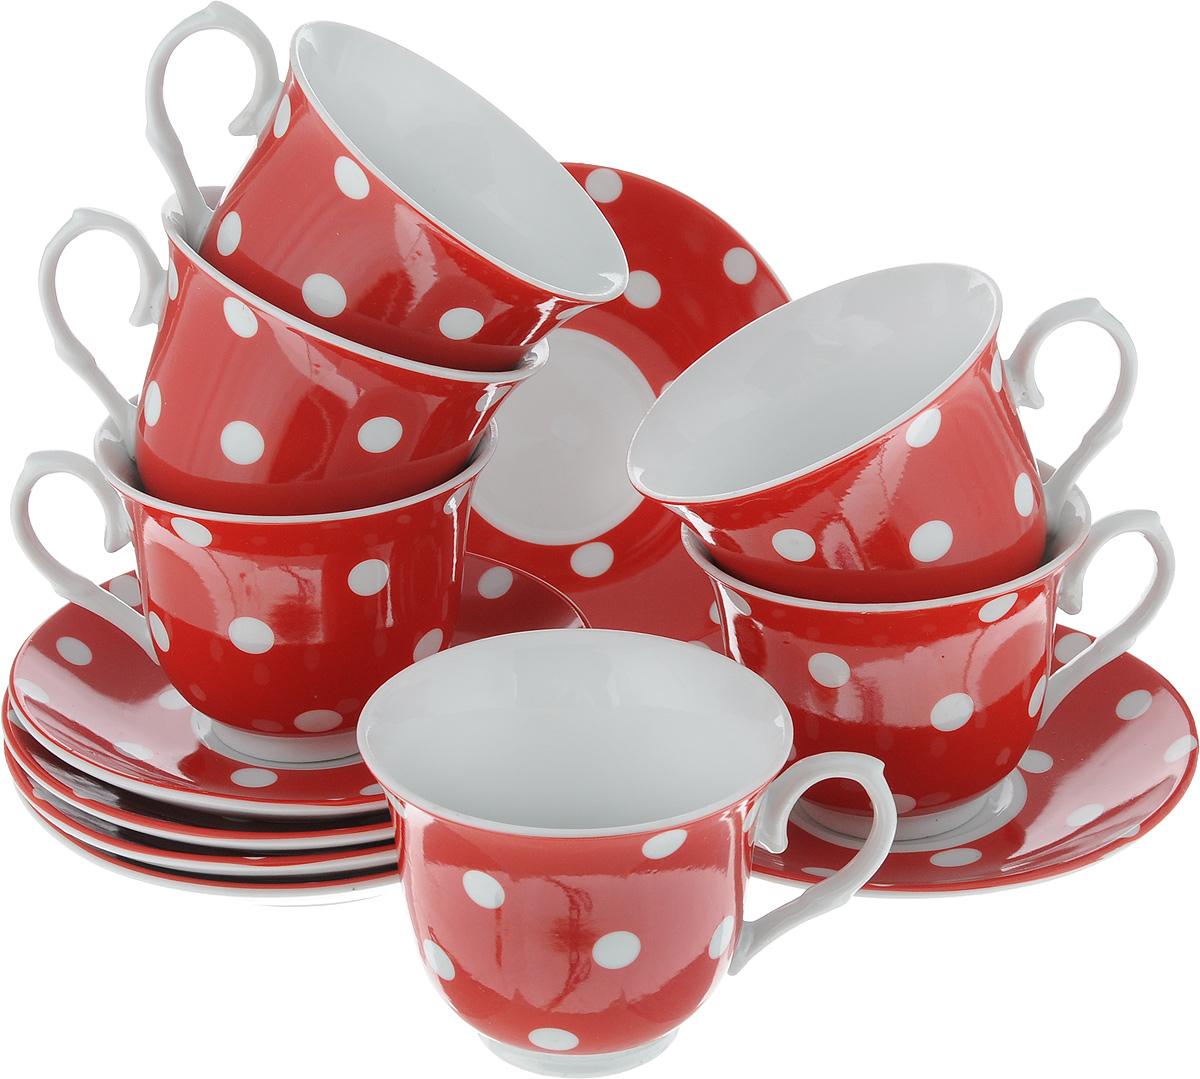 Набор чайный Loraine, цвет: белый, красный, 12 предметов. 2590625927Чайный набор Loraine состоит из шести чашек и шести блюдец. Изделия выполнены из высококачественного фарфора и оформлены красивым принтом в горошек. Такой набор изящно дополнит сервировку стола к чаепитию. Благодаря оригинальному дизайну и качеству исполнения, он станет замечательным подарком для ваших друзей и близких. Объем чашки: 220 мл. Диаметр чашки (по верхнему краю): 9 см. Высота чашки: 7,5 см. Диаметр блюдца: 14 см.Высота блюдца: 2 см.